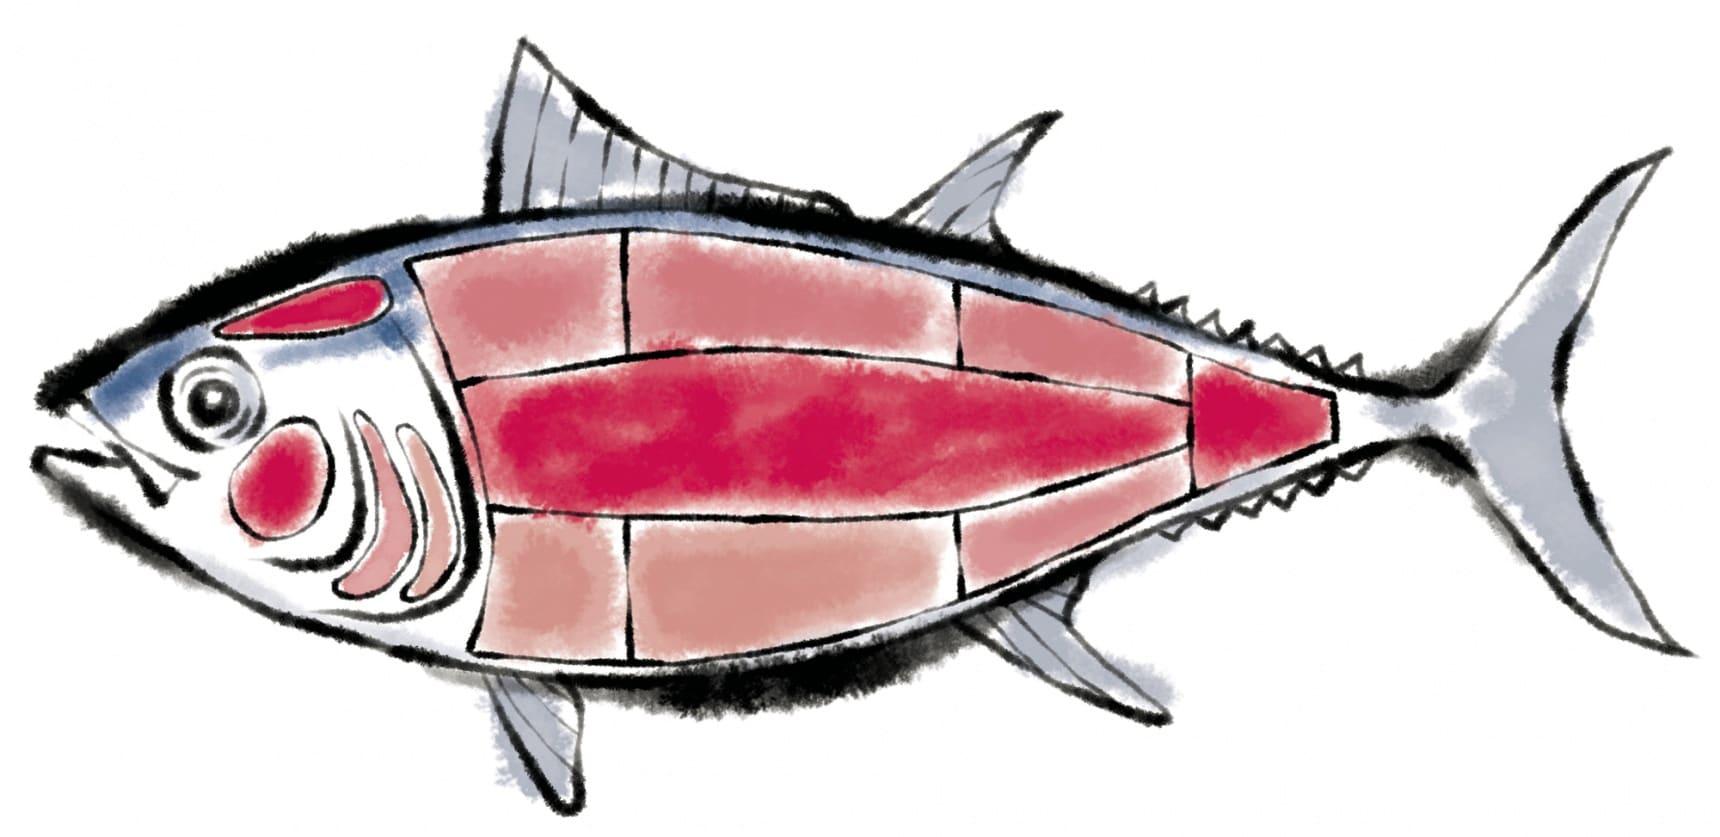 รู้จักเนื้อปลาทูน่า (มากุโร่) แต่ละส่วน